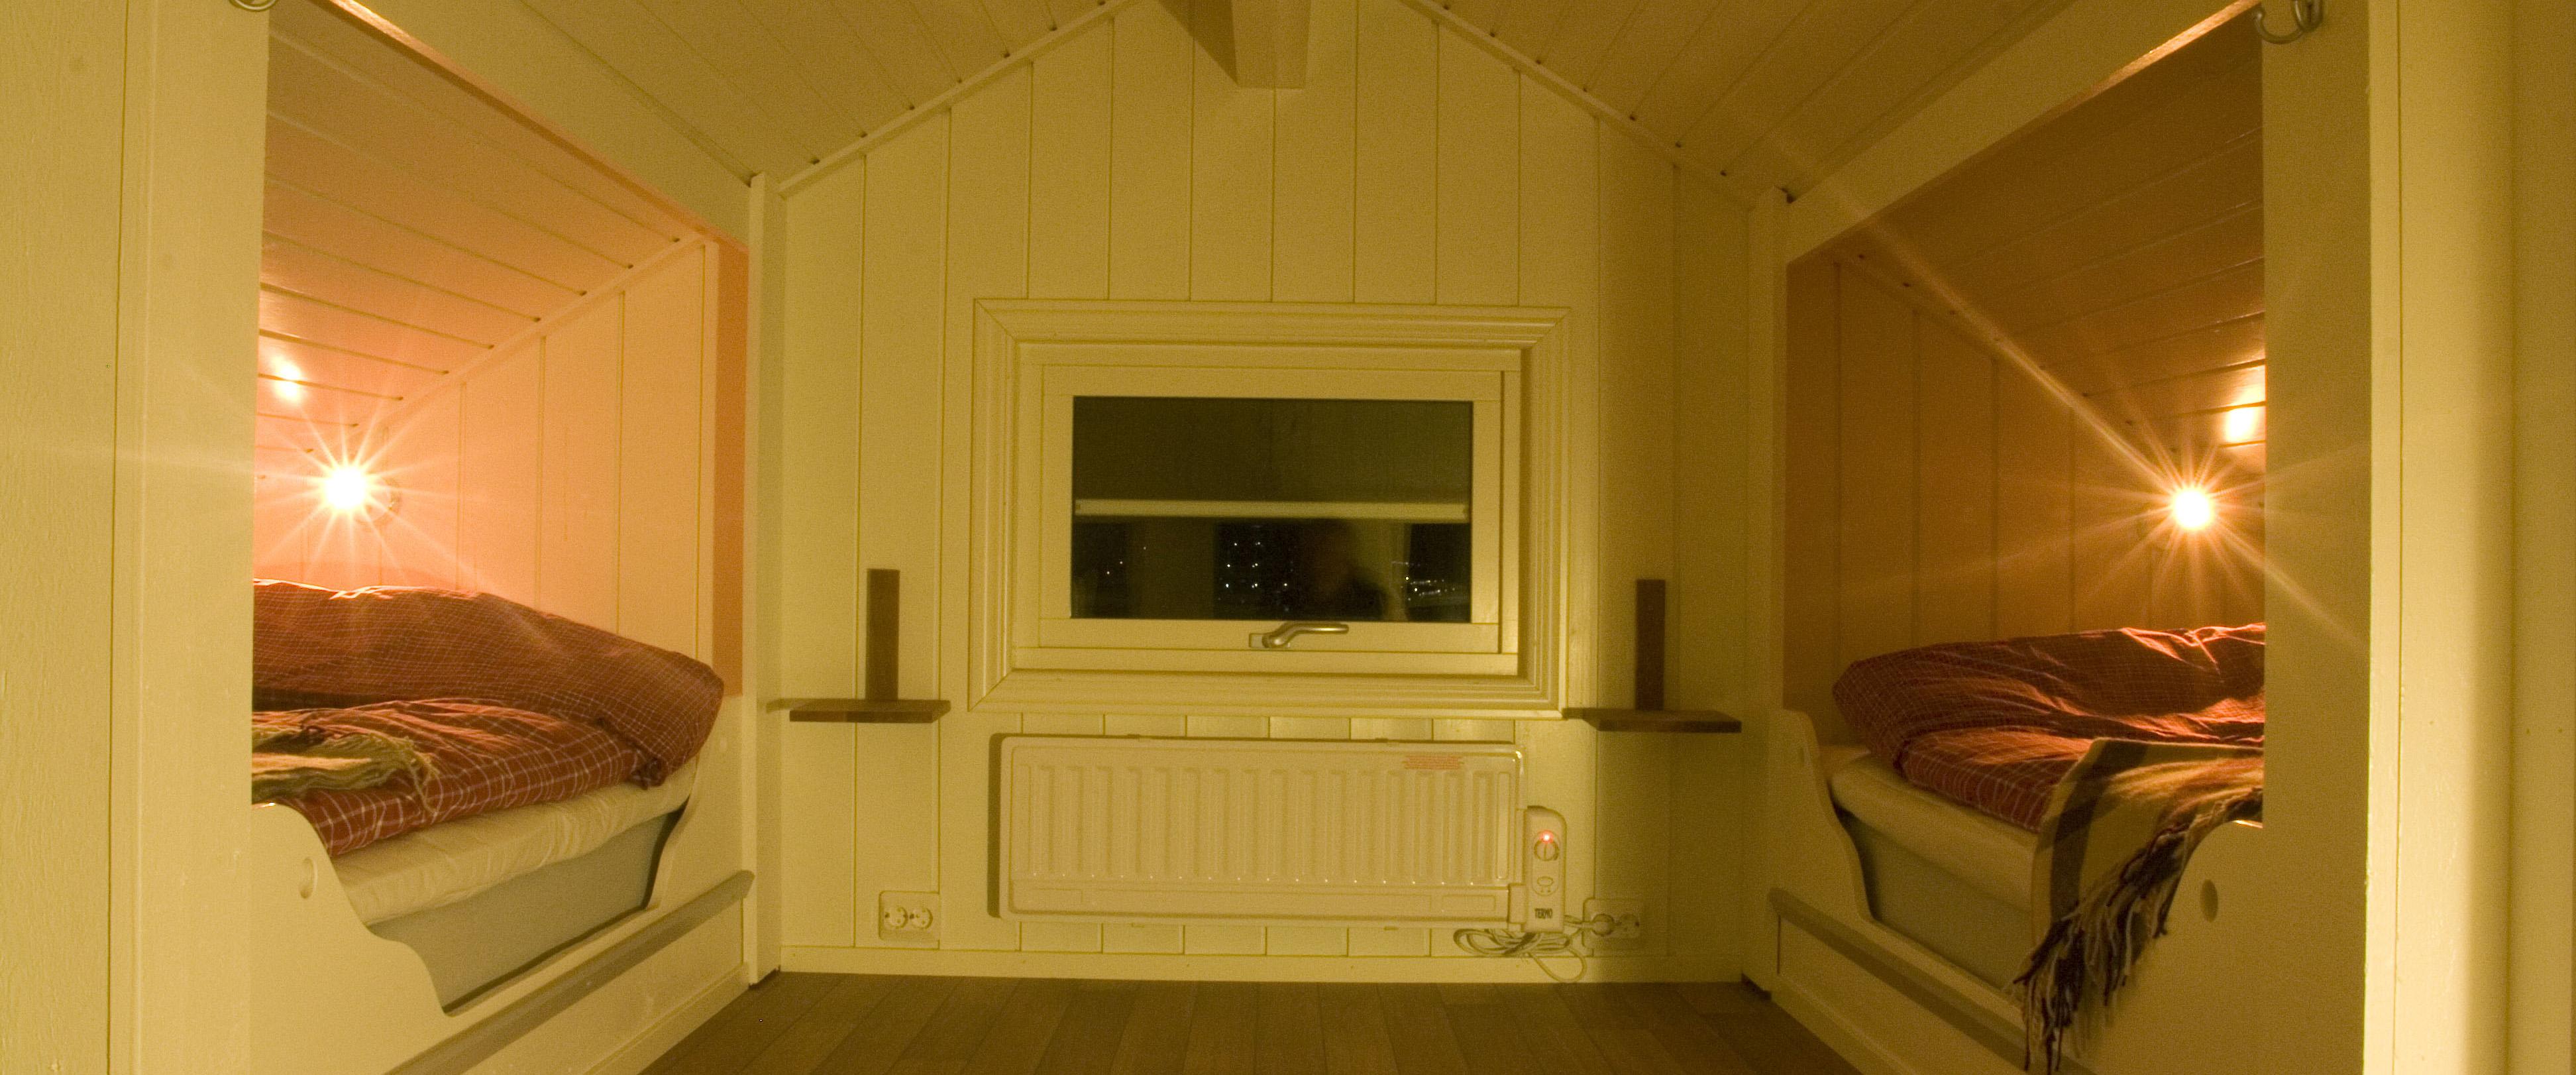 Björkbackens stuga loft.